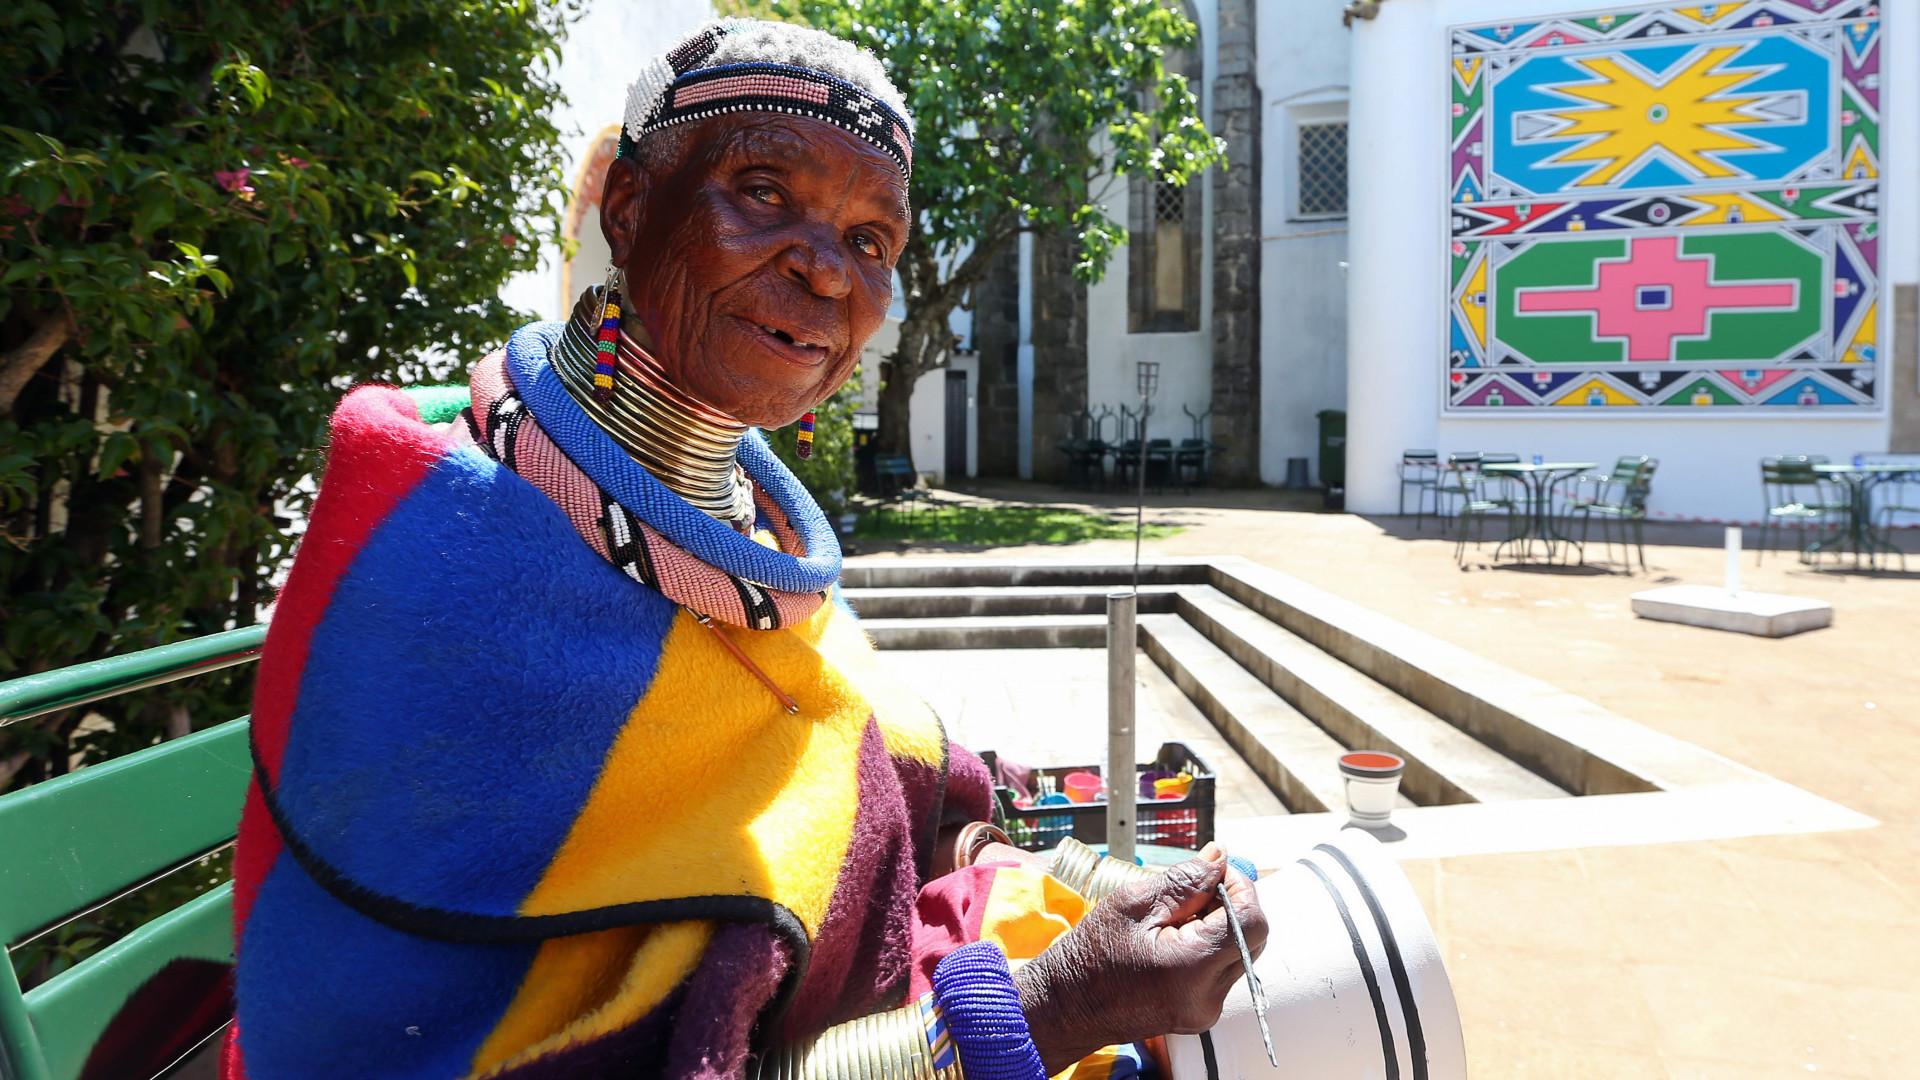 Artista sul-africana Esther Mahlangu cria mural em Évora